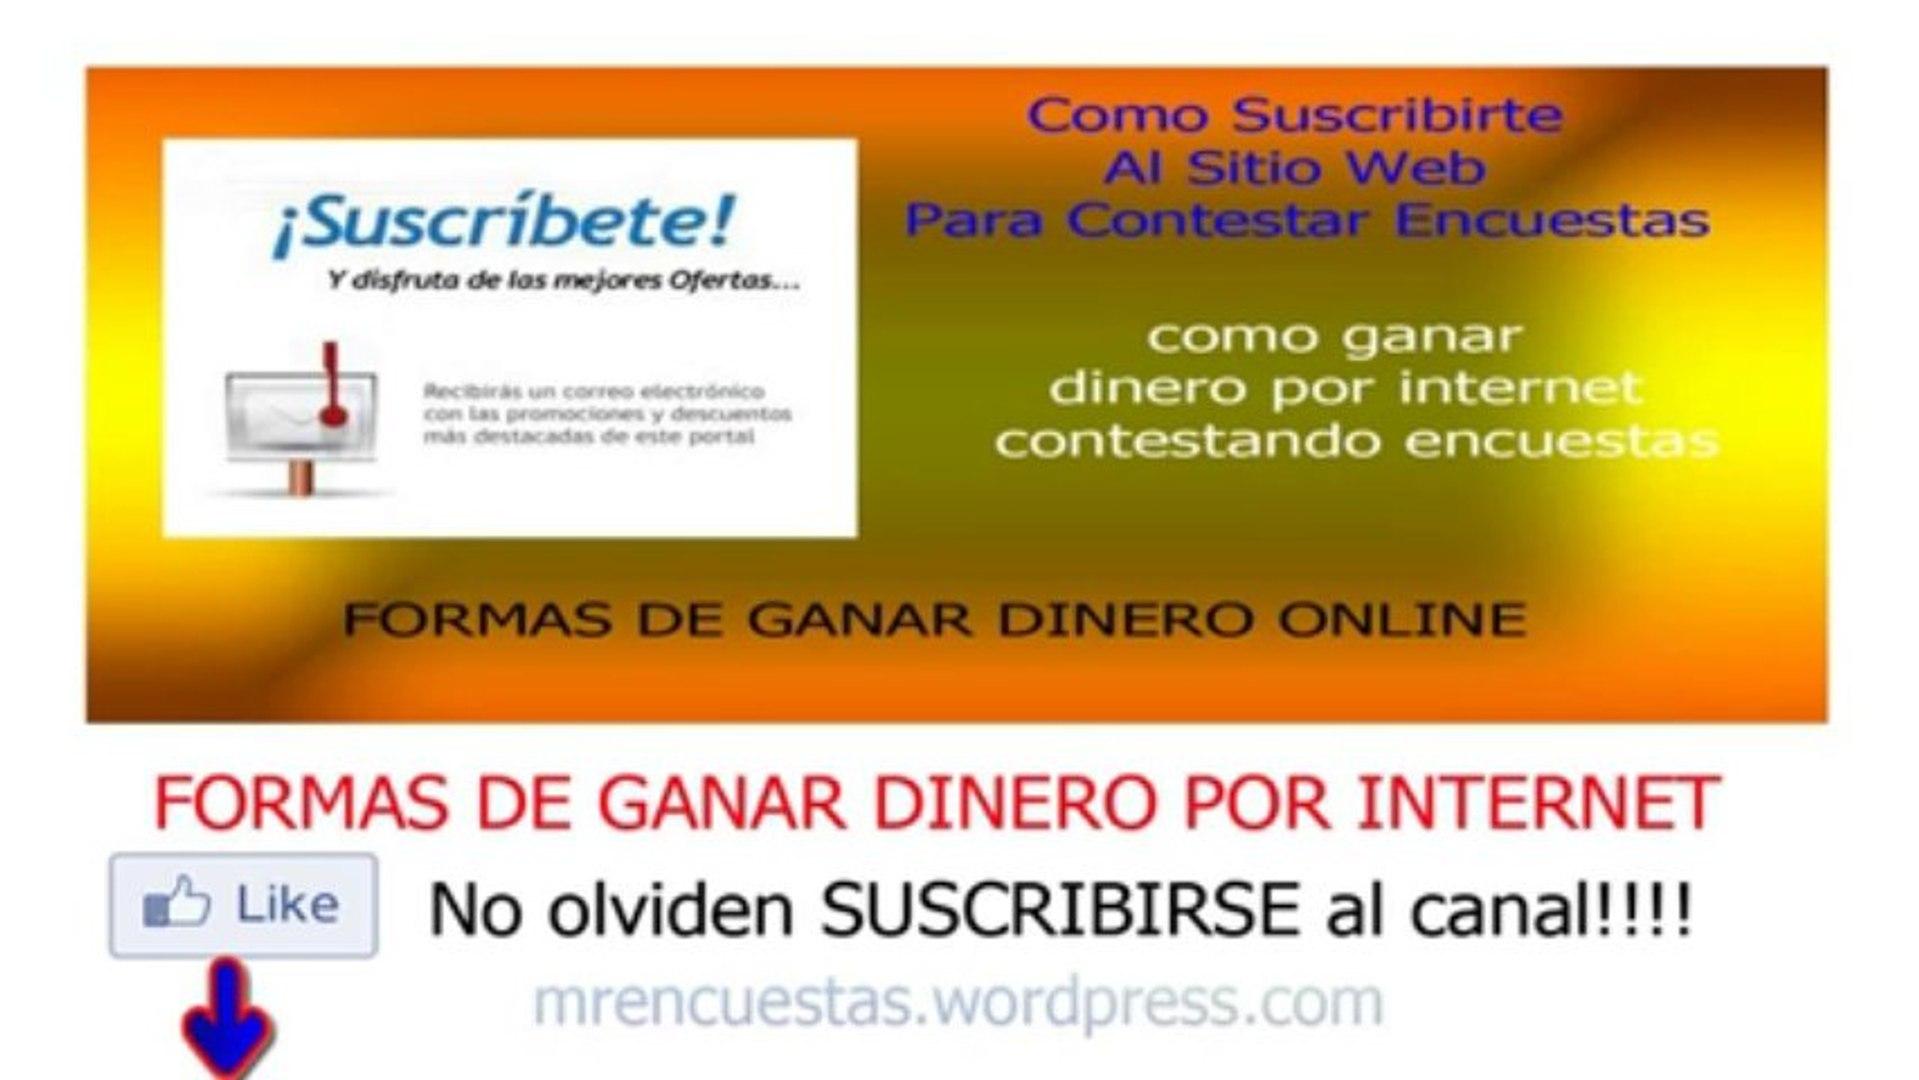 Como Traducir Una Pagina Web Encuestas Remuneradas En Español Vídeo Dailymotion